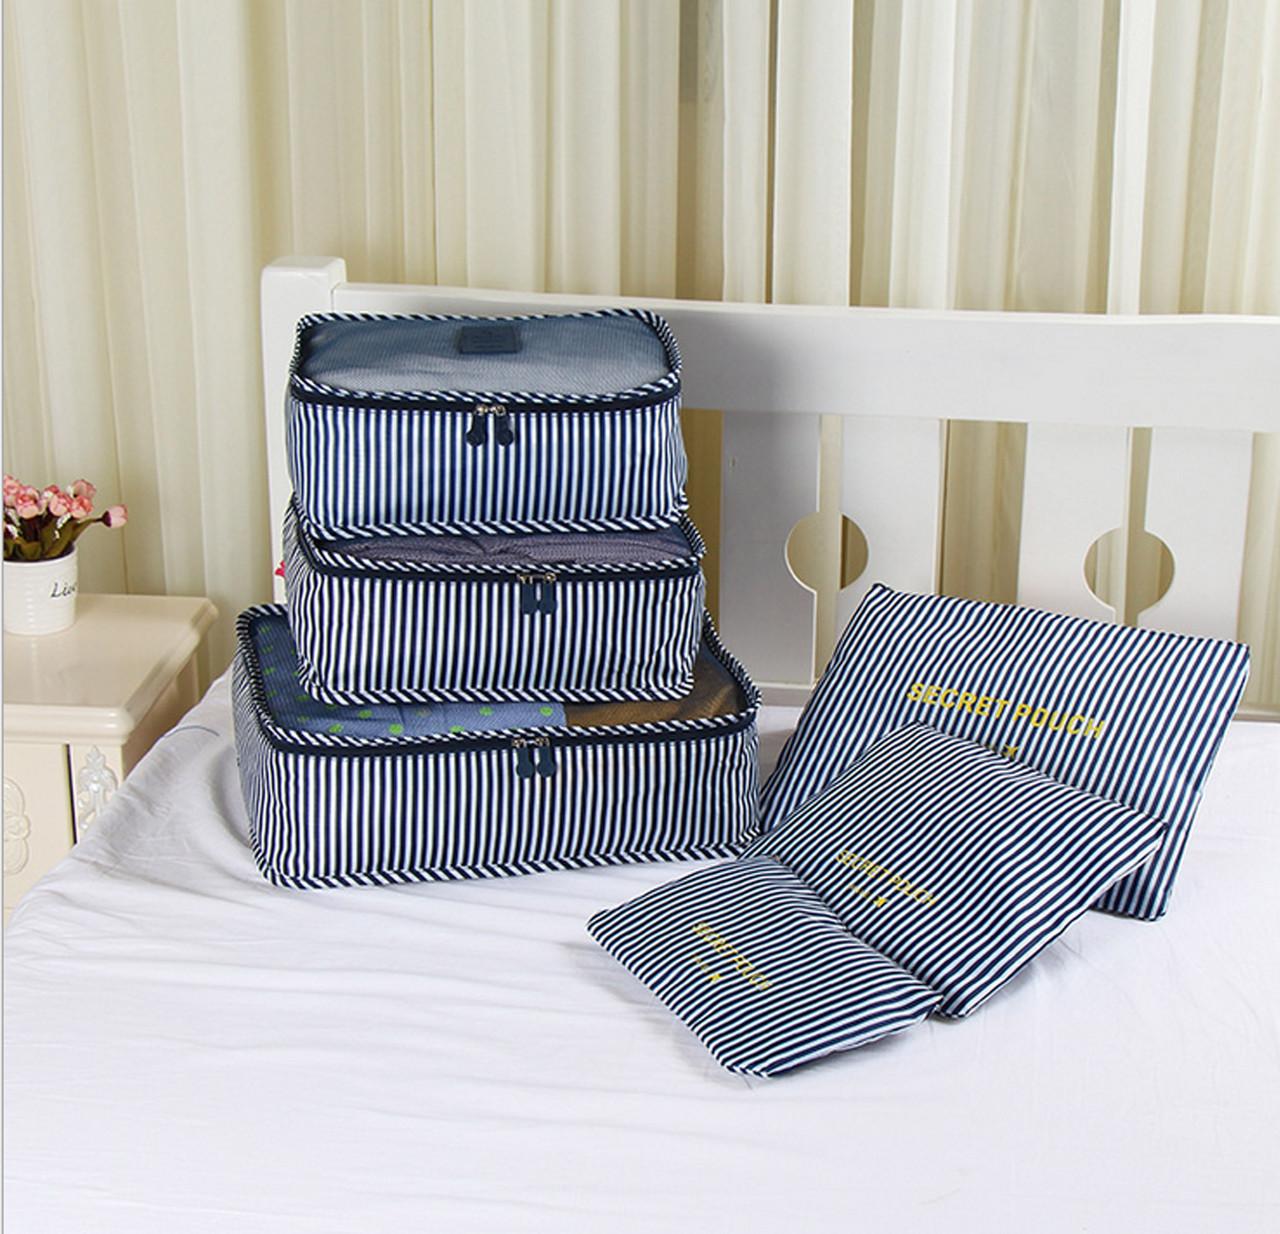 Набор дорожных сумок для путешествия из 6 штук сине-белая полоска